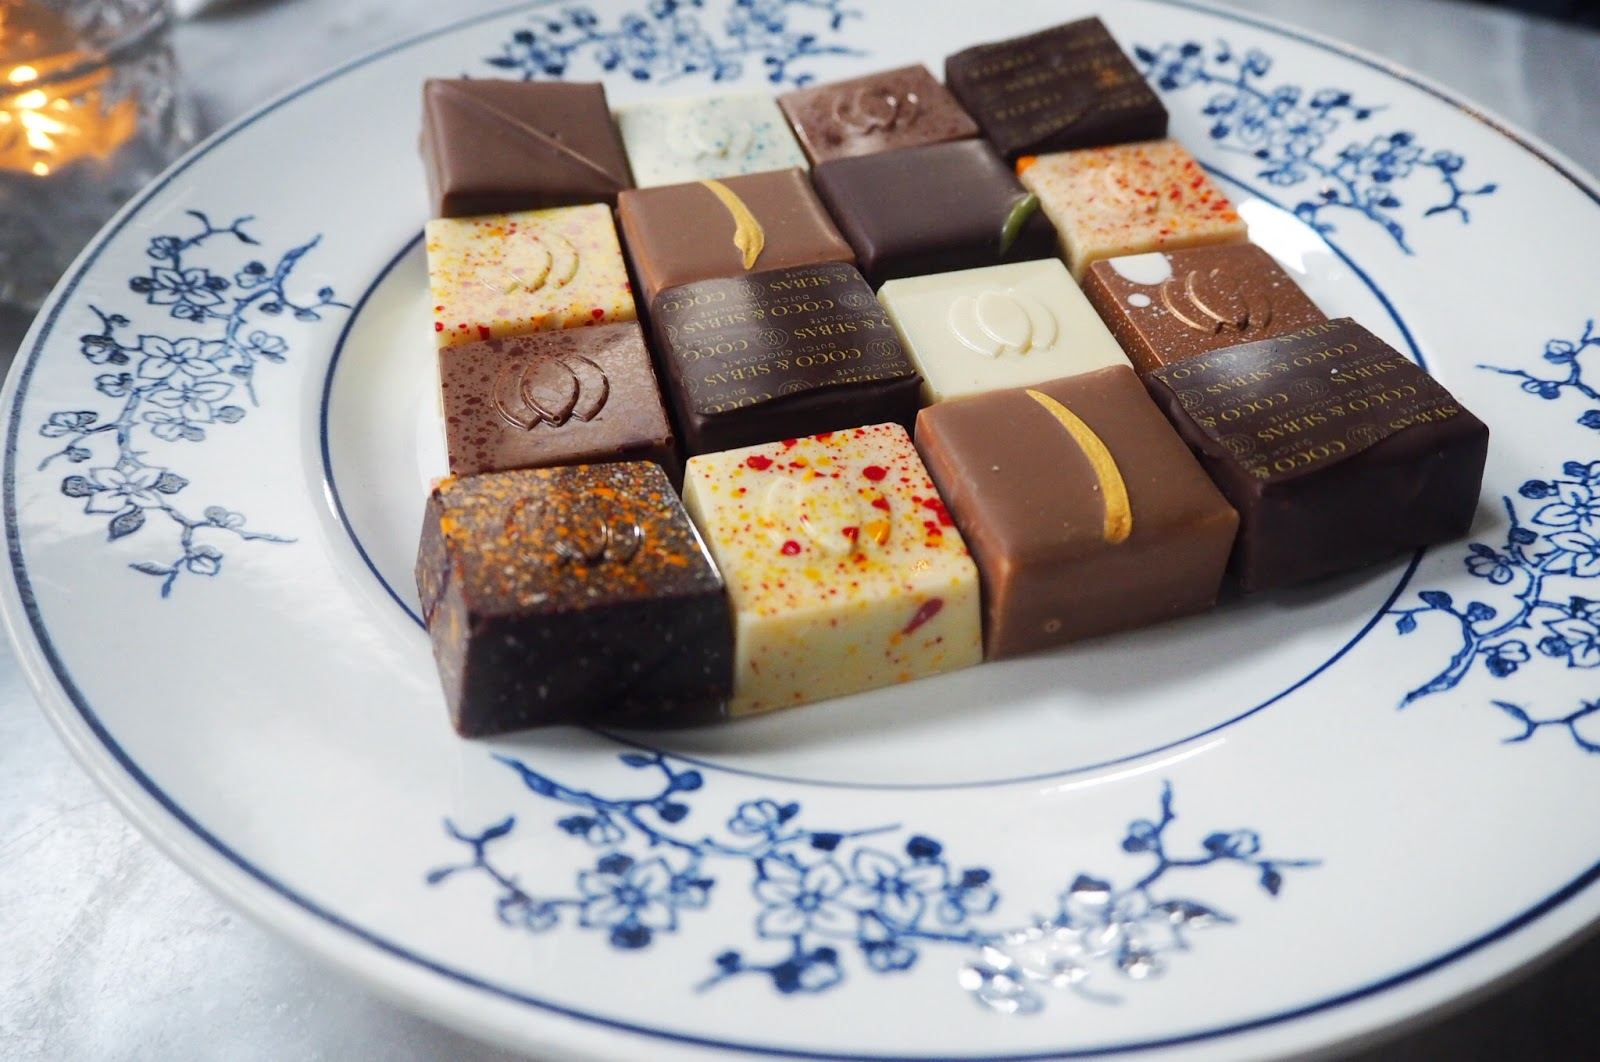 Coco & Sebas chocolates Den Bosch